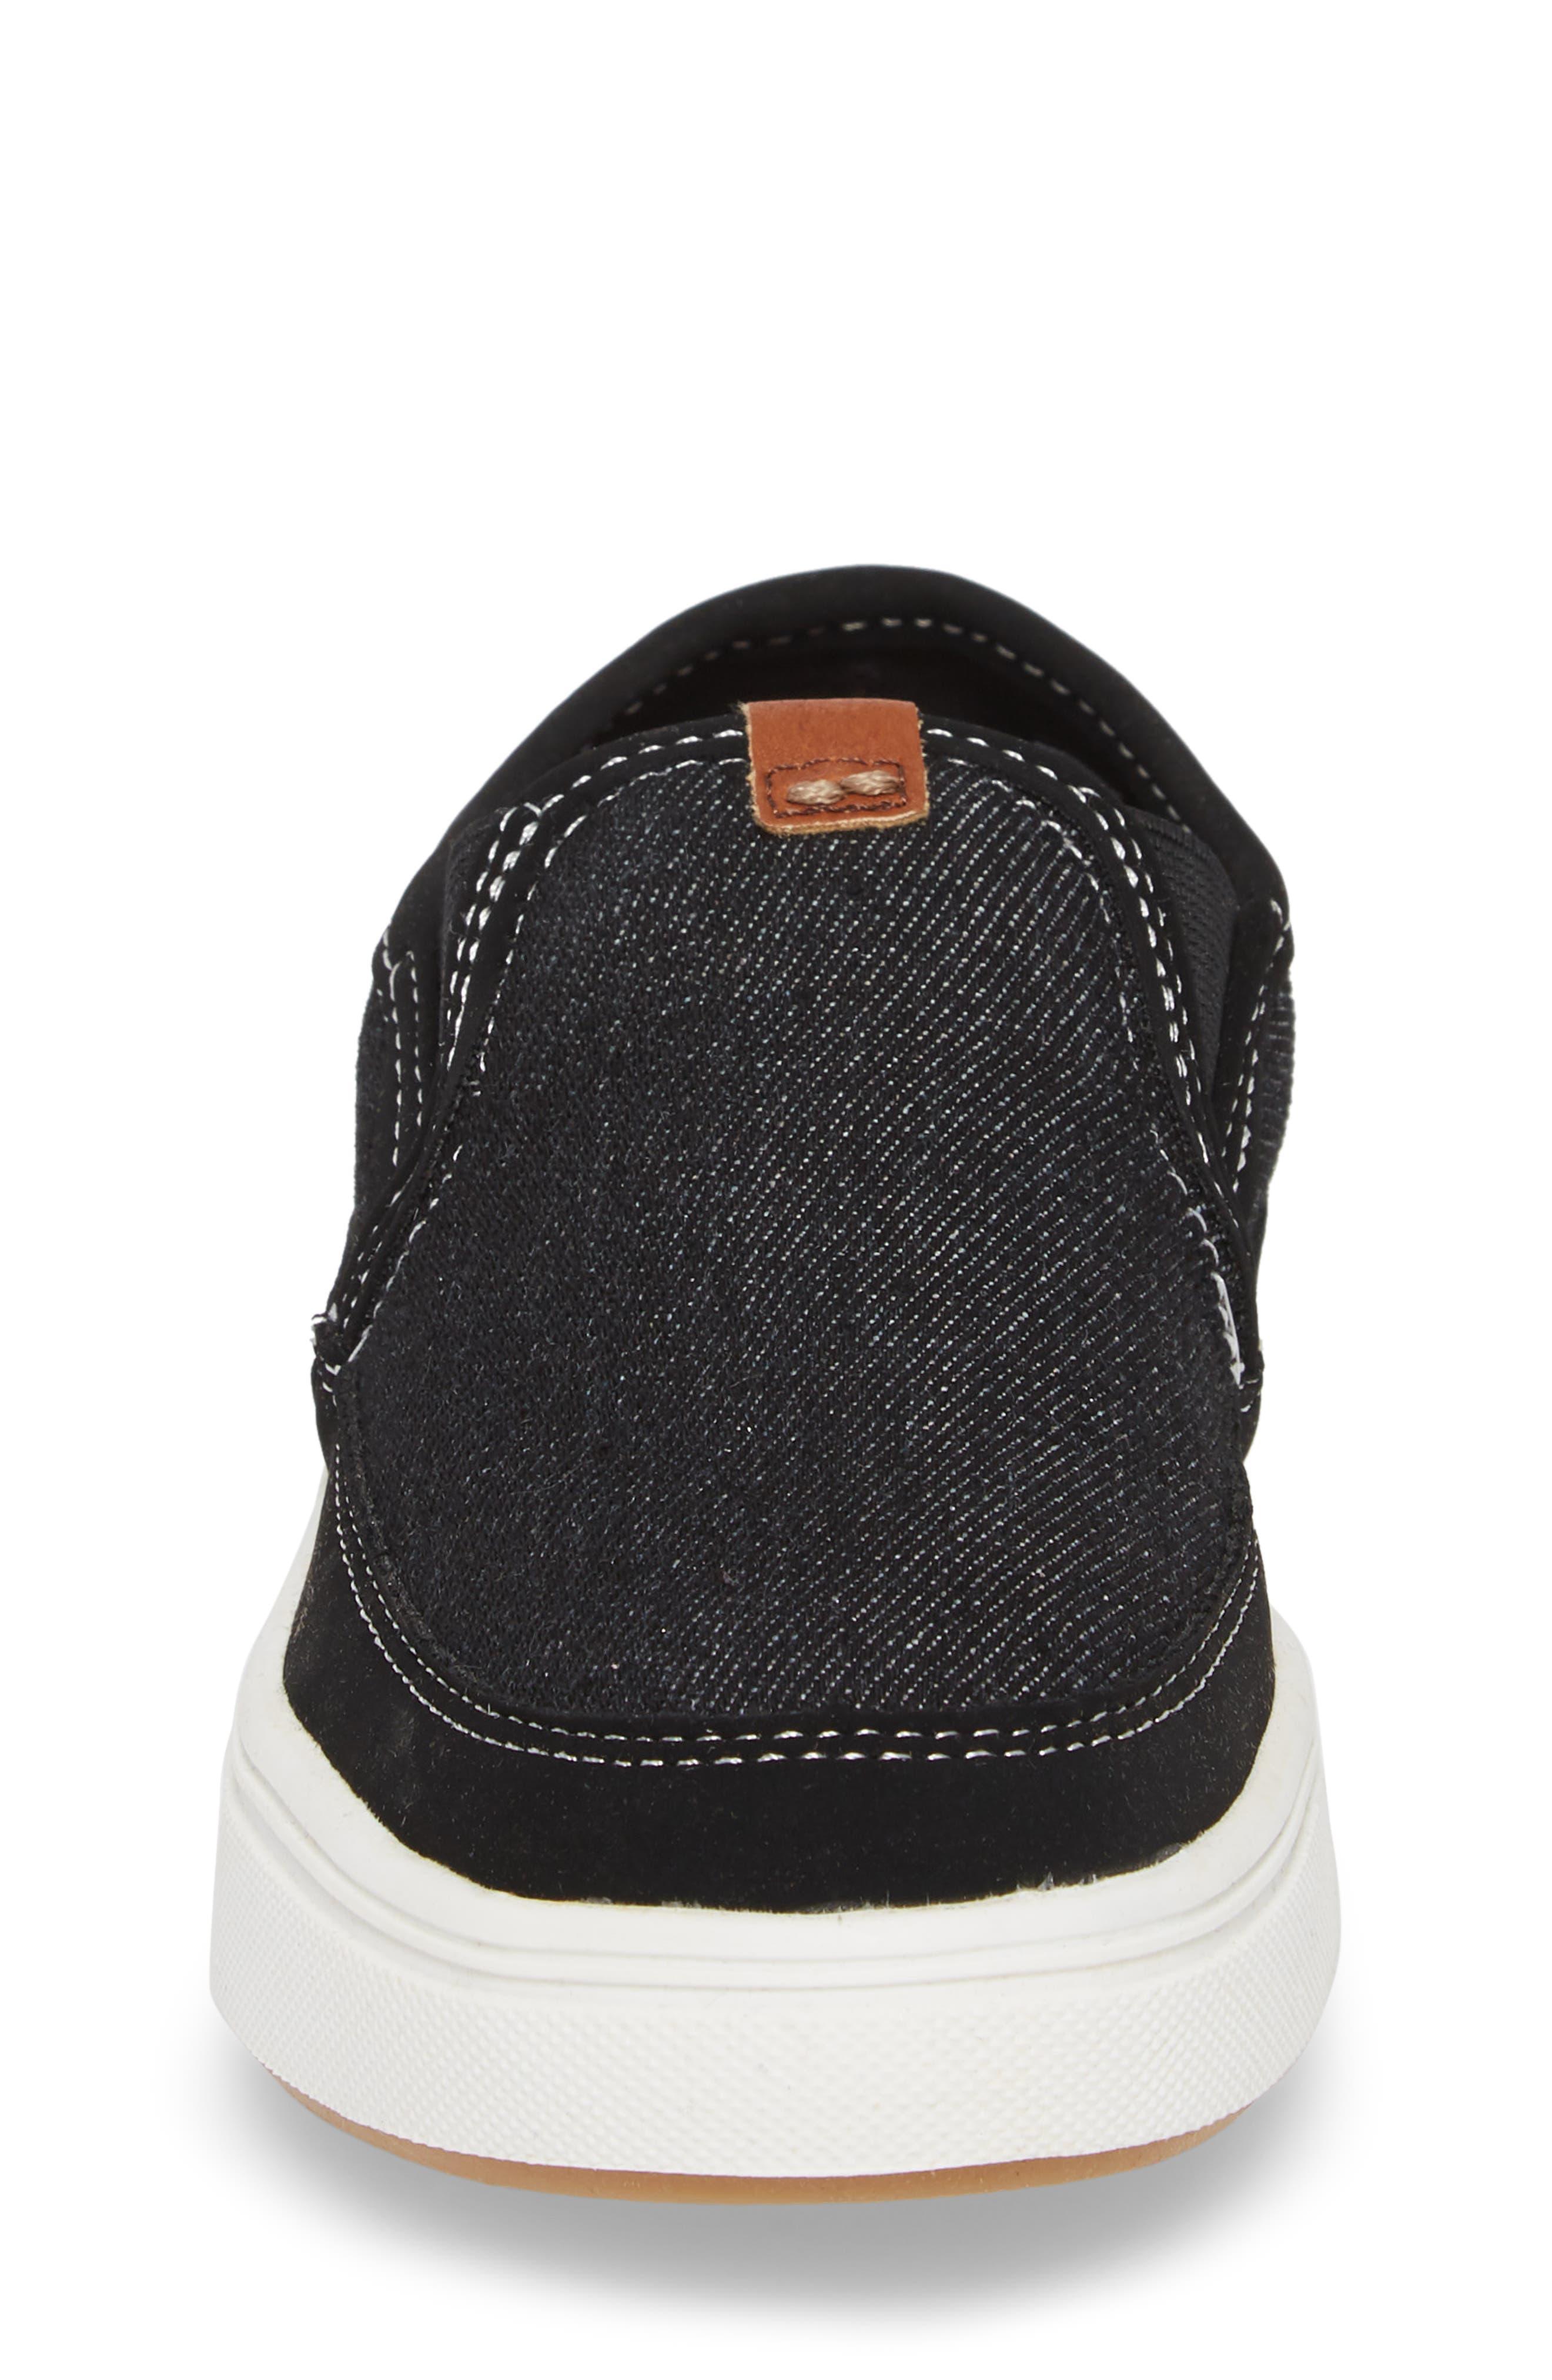 Bfoleeo Slip-On Sneaker,                             Alternate thumbnail 4, color,                             Black